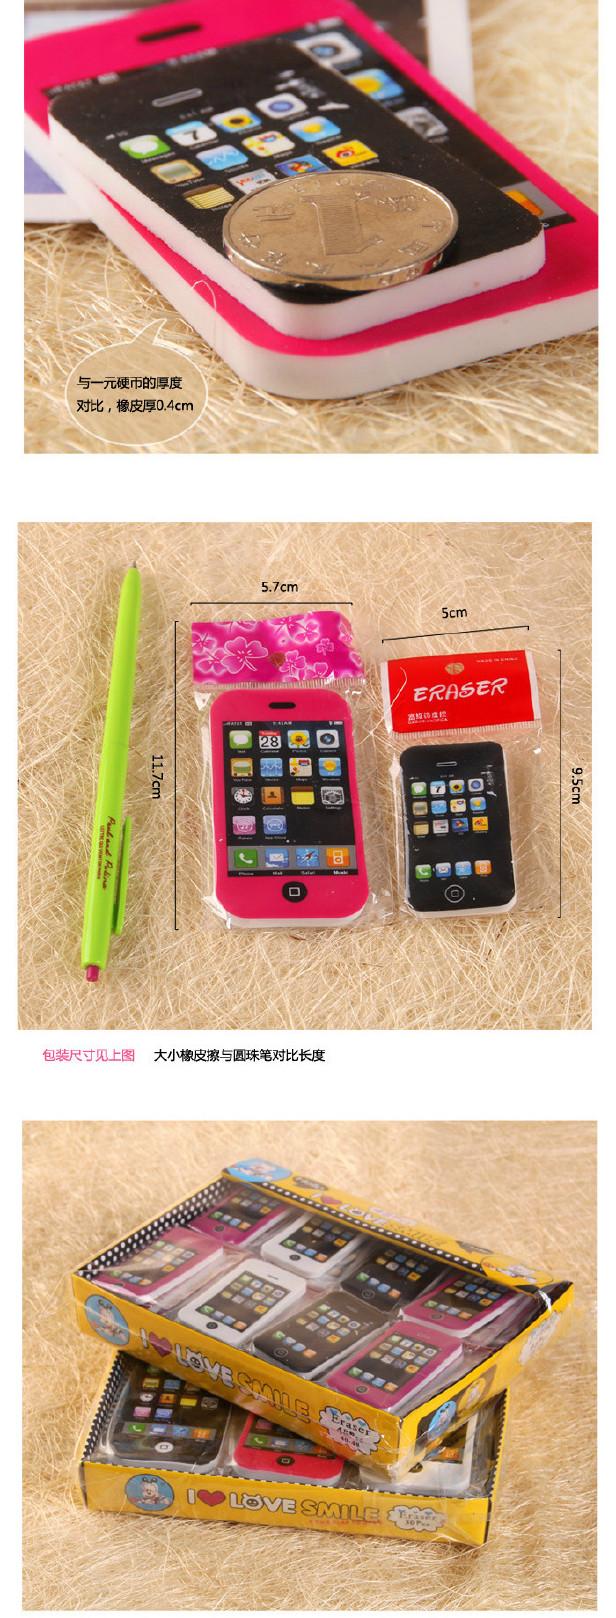 卡通可爱橡皮擦 iphone苹果手机韩版创意像皮小学生用品小奖品t